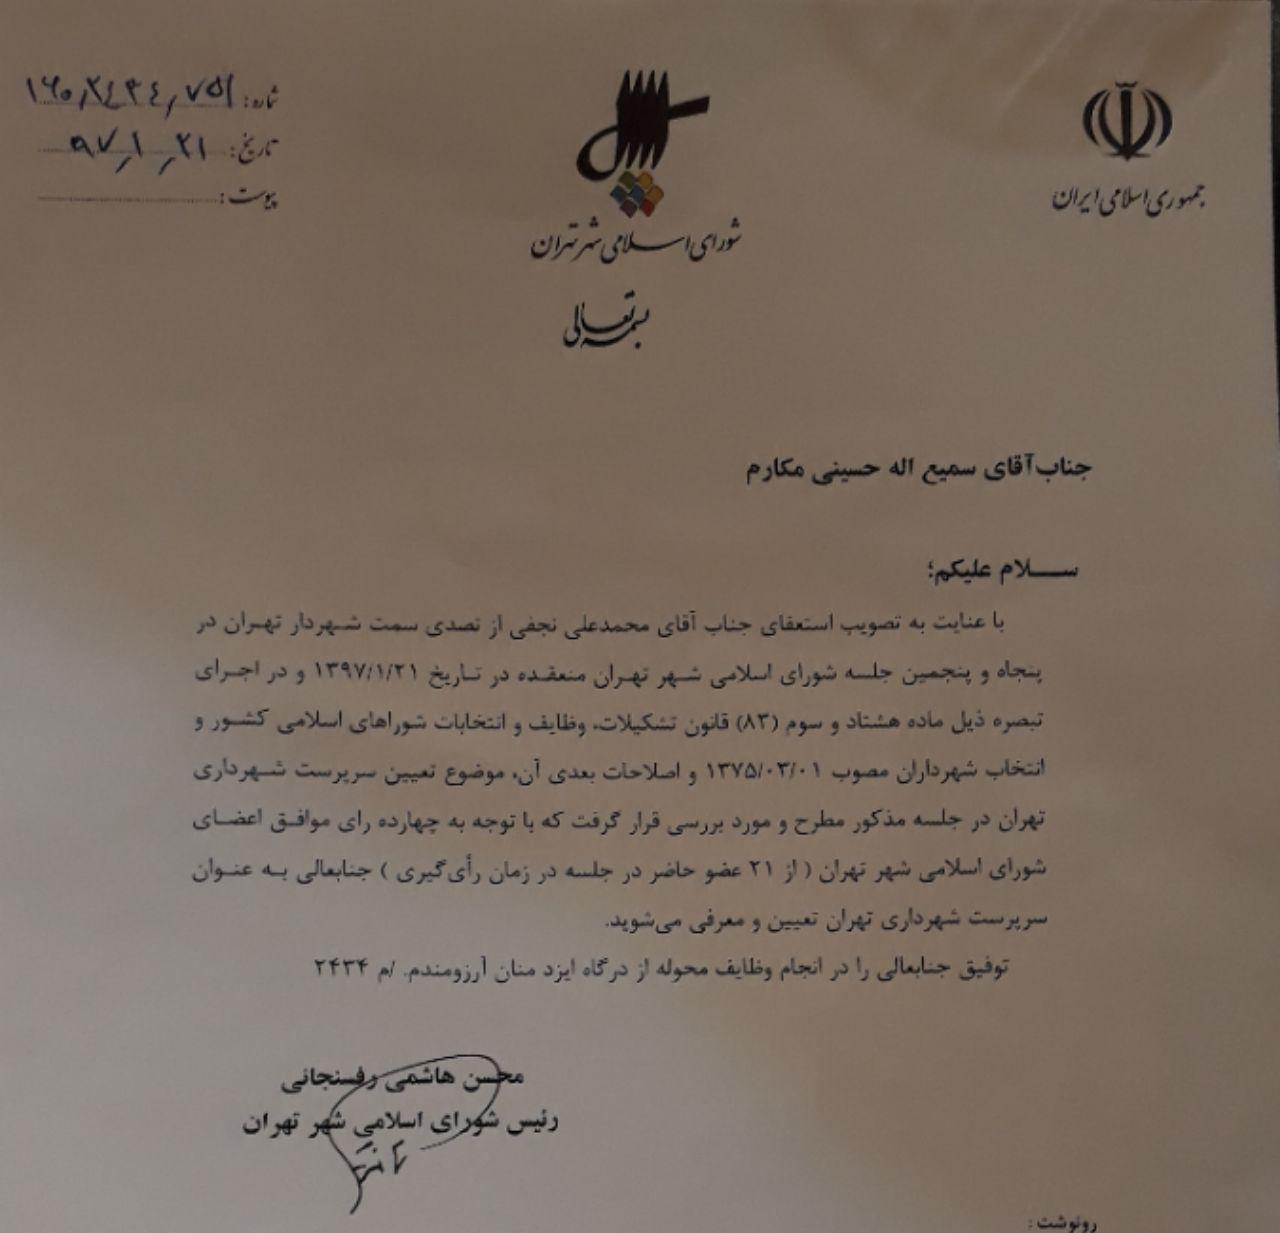 استعفای نجفی پذیرفته شد/ انتصاب حسینی مکارم به عنوان سرپرست شهرداری تهران